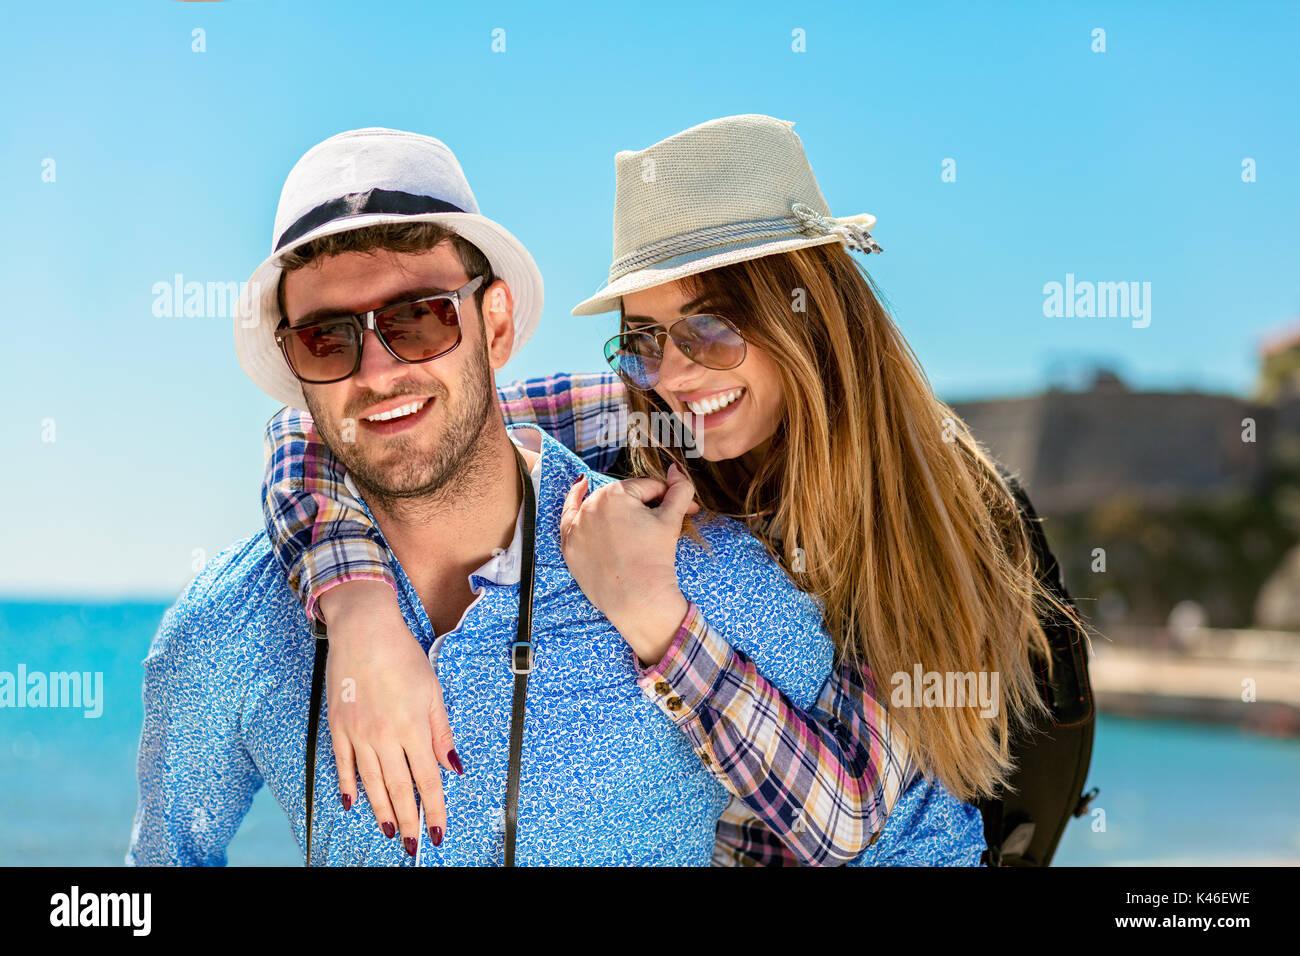 Glücklicher Mann seine Freundin, die piggyback Ride beide lächelnd und sehr gern ihren Urlaub genießen Stockbild